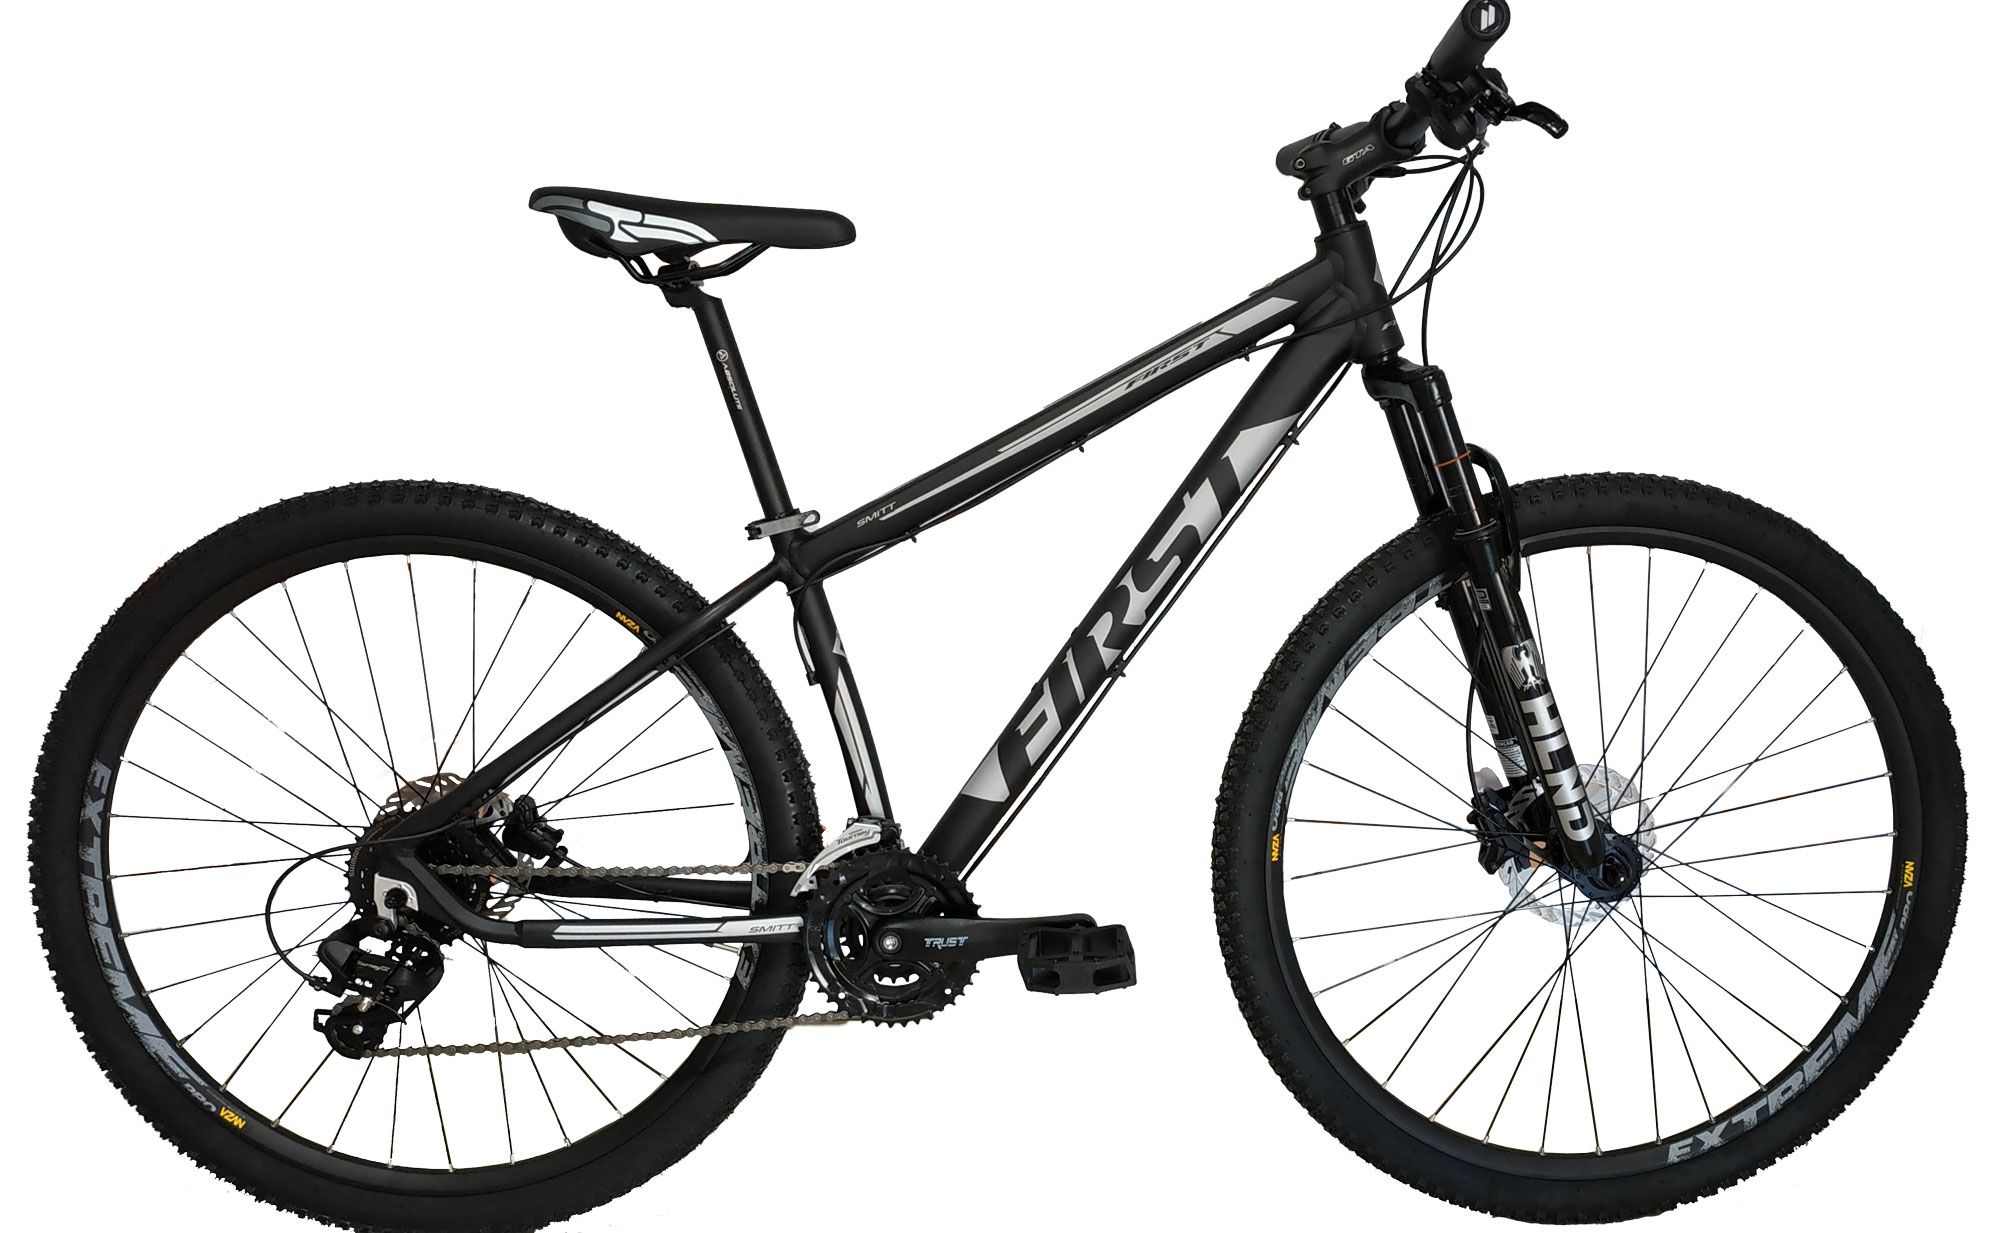 Bicicleta FIRST Smitt aro 29 - 24v Shimano Tourney - Freio Hidráulico - Cubos de Rolamentos